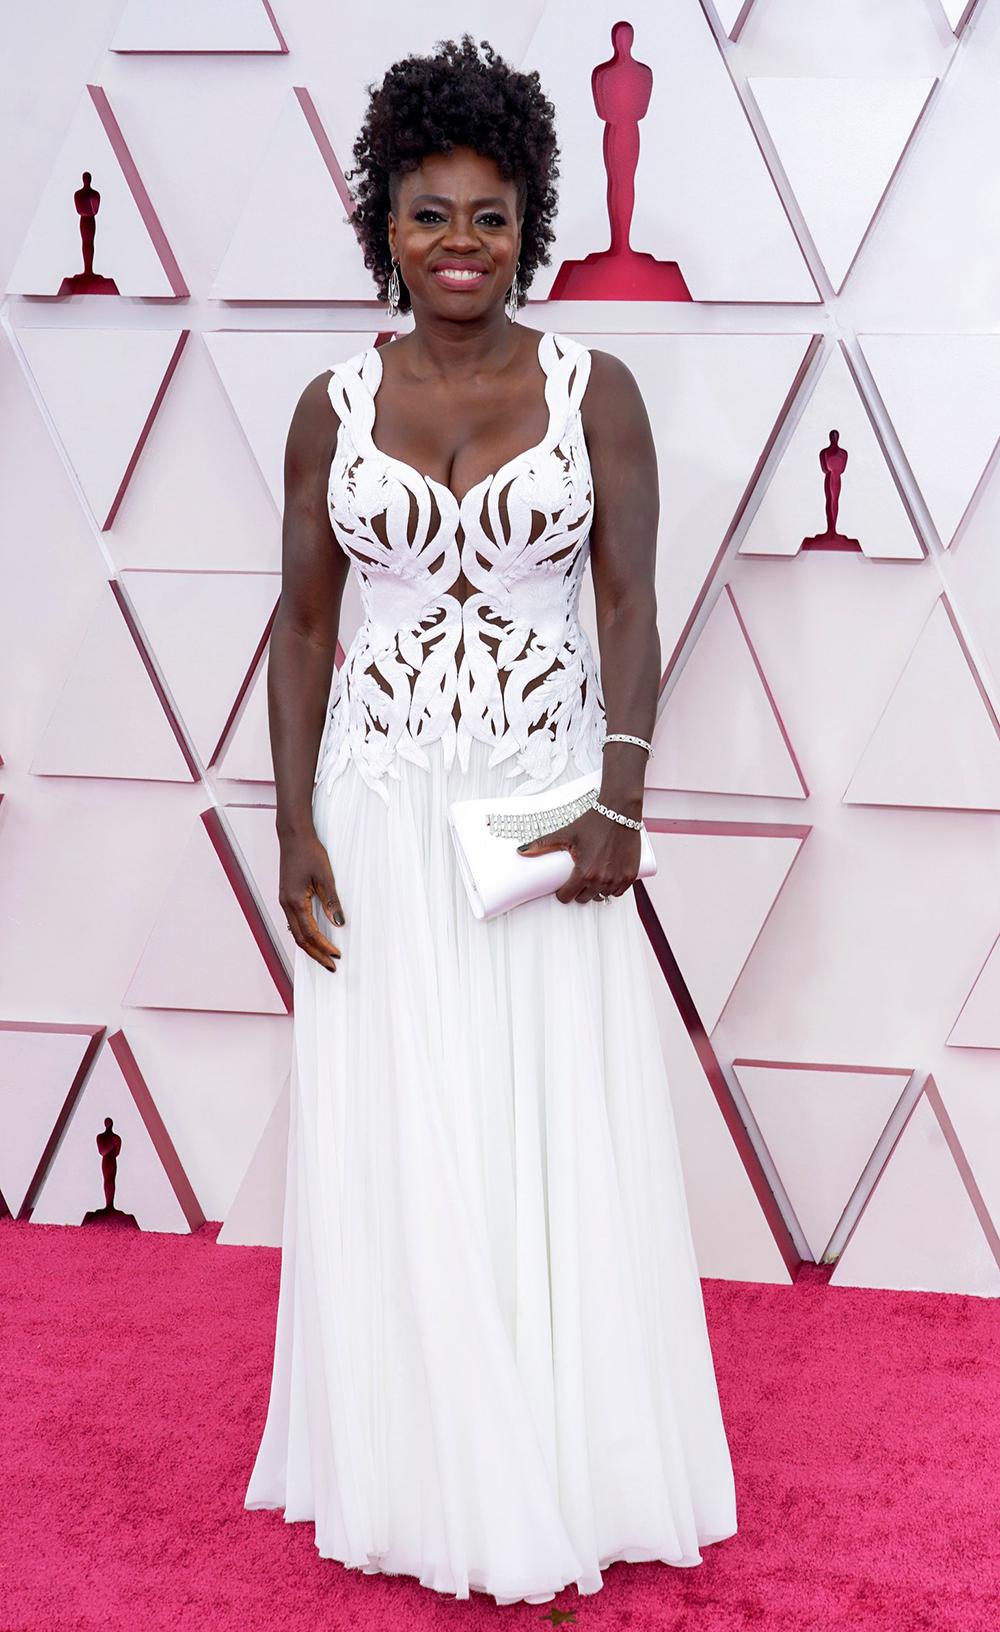 2021 Oscars Fashion I Viola Davis in custom Alexander McQueen #fashionstyle #stylish